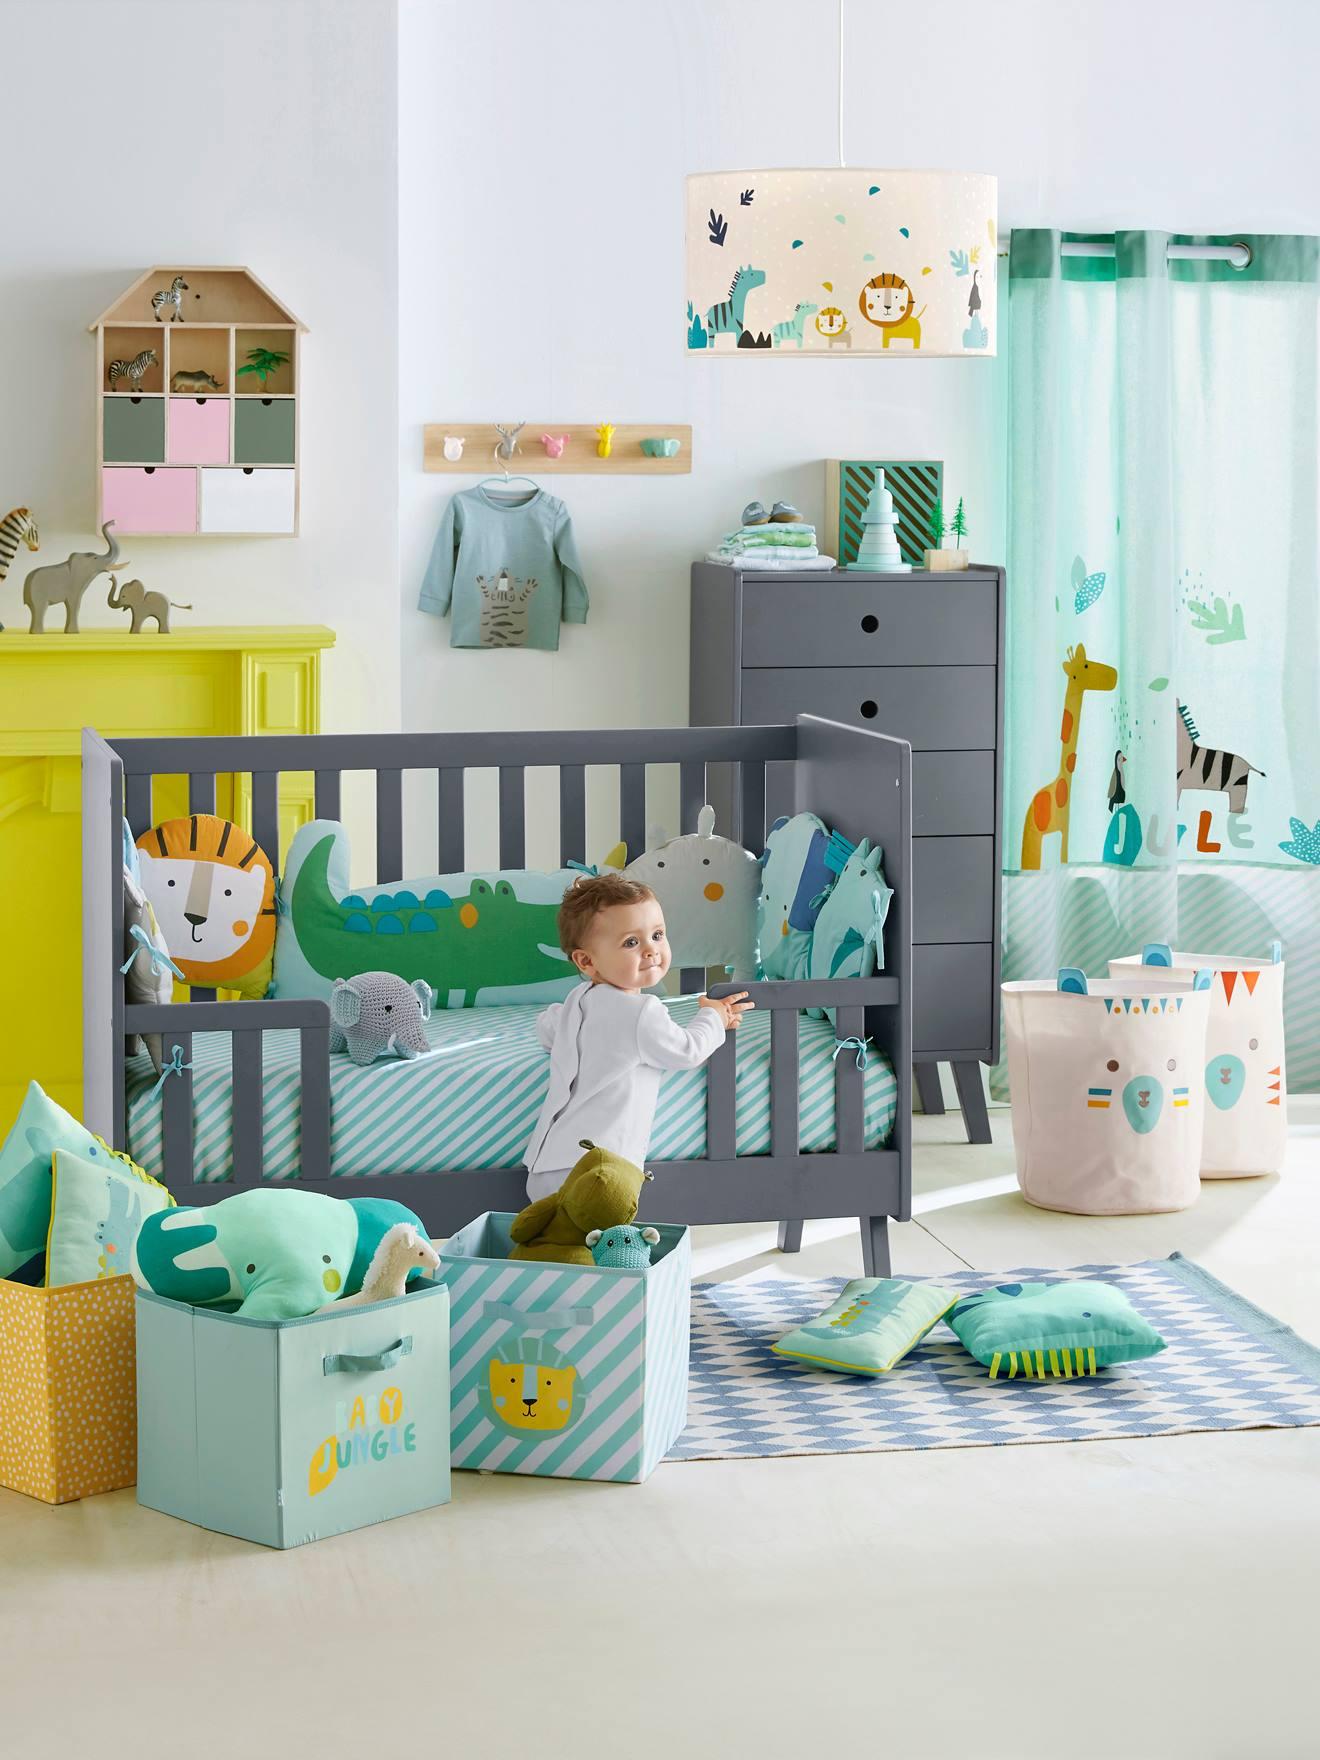 vertbaudet tour de lit trendy tour de lit thme petite muisque de nuit with vertbaudet tour de. Black Bedroom Furniture Sets. Home Design Ideas